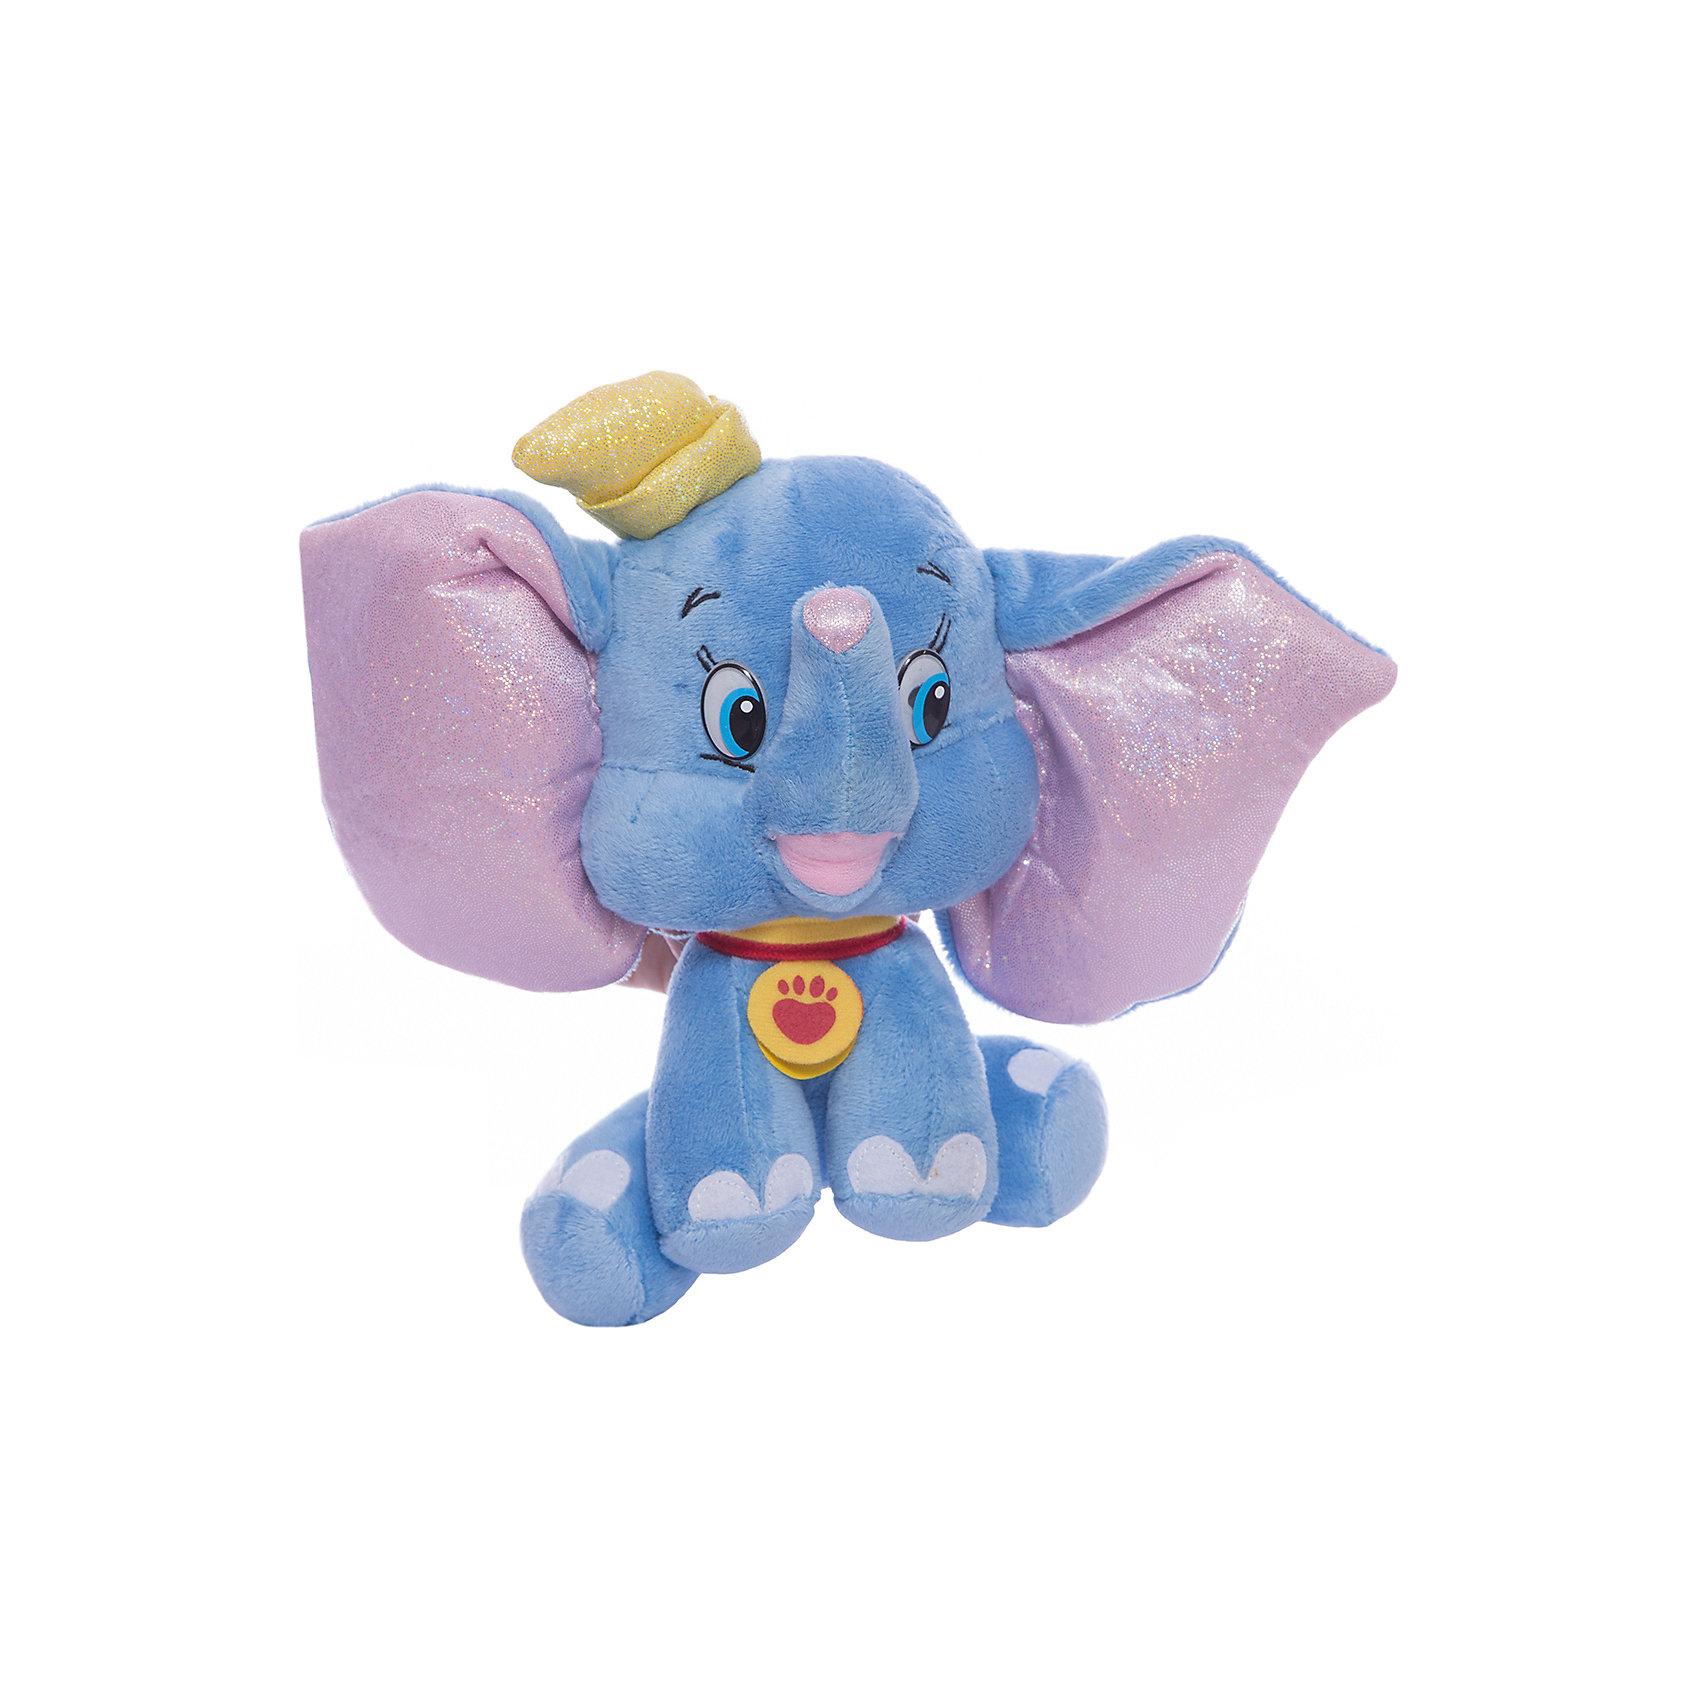 Мягкая игрушка Дамбо, 16 см, со звуком, МУЛЬТИ-ПУЛЬТИЛюбимые герои<br>Очаровательный слоненок Дамбо, герой известного мультфильма Disney, обязательно понравится детям. Он очень мягкий и приятный на ощупь, к тому же знает много фраз, с ним не соскучишься! <br>Игрушка выполнена из высококачественных экологичных материалов безопасных для детей. <br><br>Дополнительная информация:<br><br>- Материал: пластик, текстиль, синтепон. <br>- Размер куклы: 16 см.<br>- Звуковые эффекты: фразы. <br>- Элемент питания: батарейки (в комплекте).<br><br>Мягкую игрушку Дамбо, 16 см, со звуком, МУЛЬТИ-ПУЛЬТИ, можно купить в нашем магазине.<br><br>Ширина мм: 240<br>Глубина мм: 260<br>Высота мм: 100<br>Вес г: 130<br>Возраст от месяцев: 36<br>Возраст до месяцев: 96<br>Пол: Унисекс<br>Возраст: Детский<br>SKU: 4614959